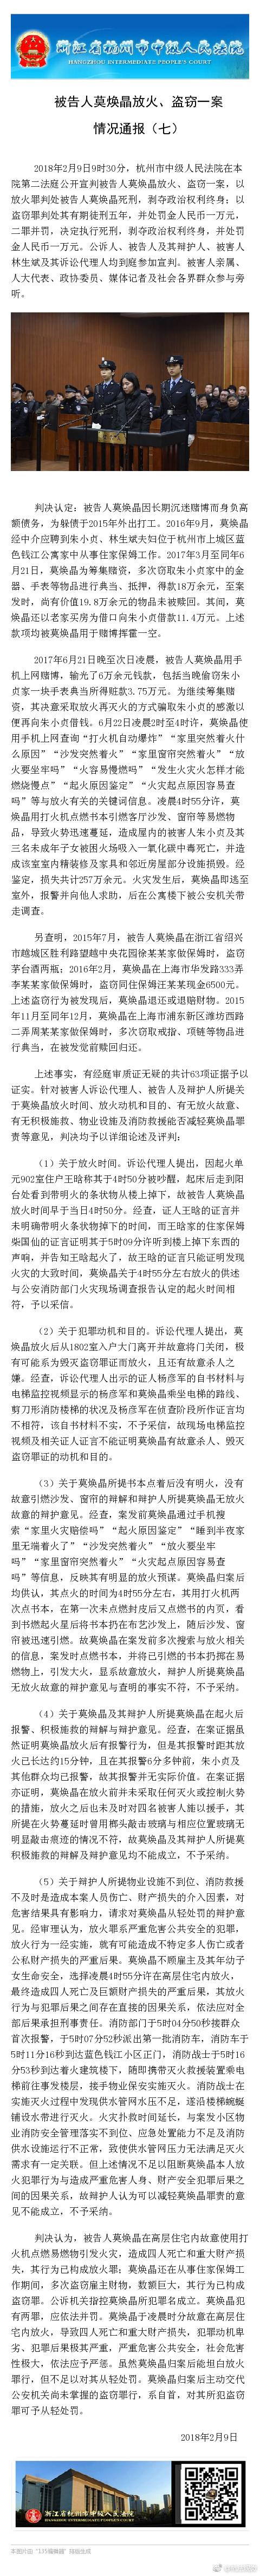 图片来源:浙江省杭州市中级人民法院官方微博